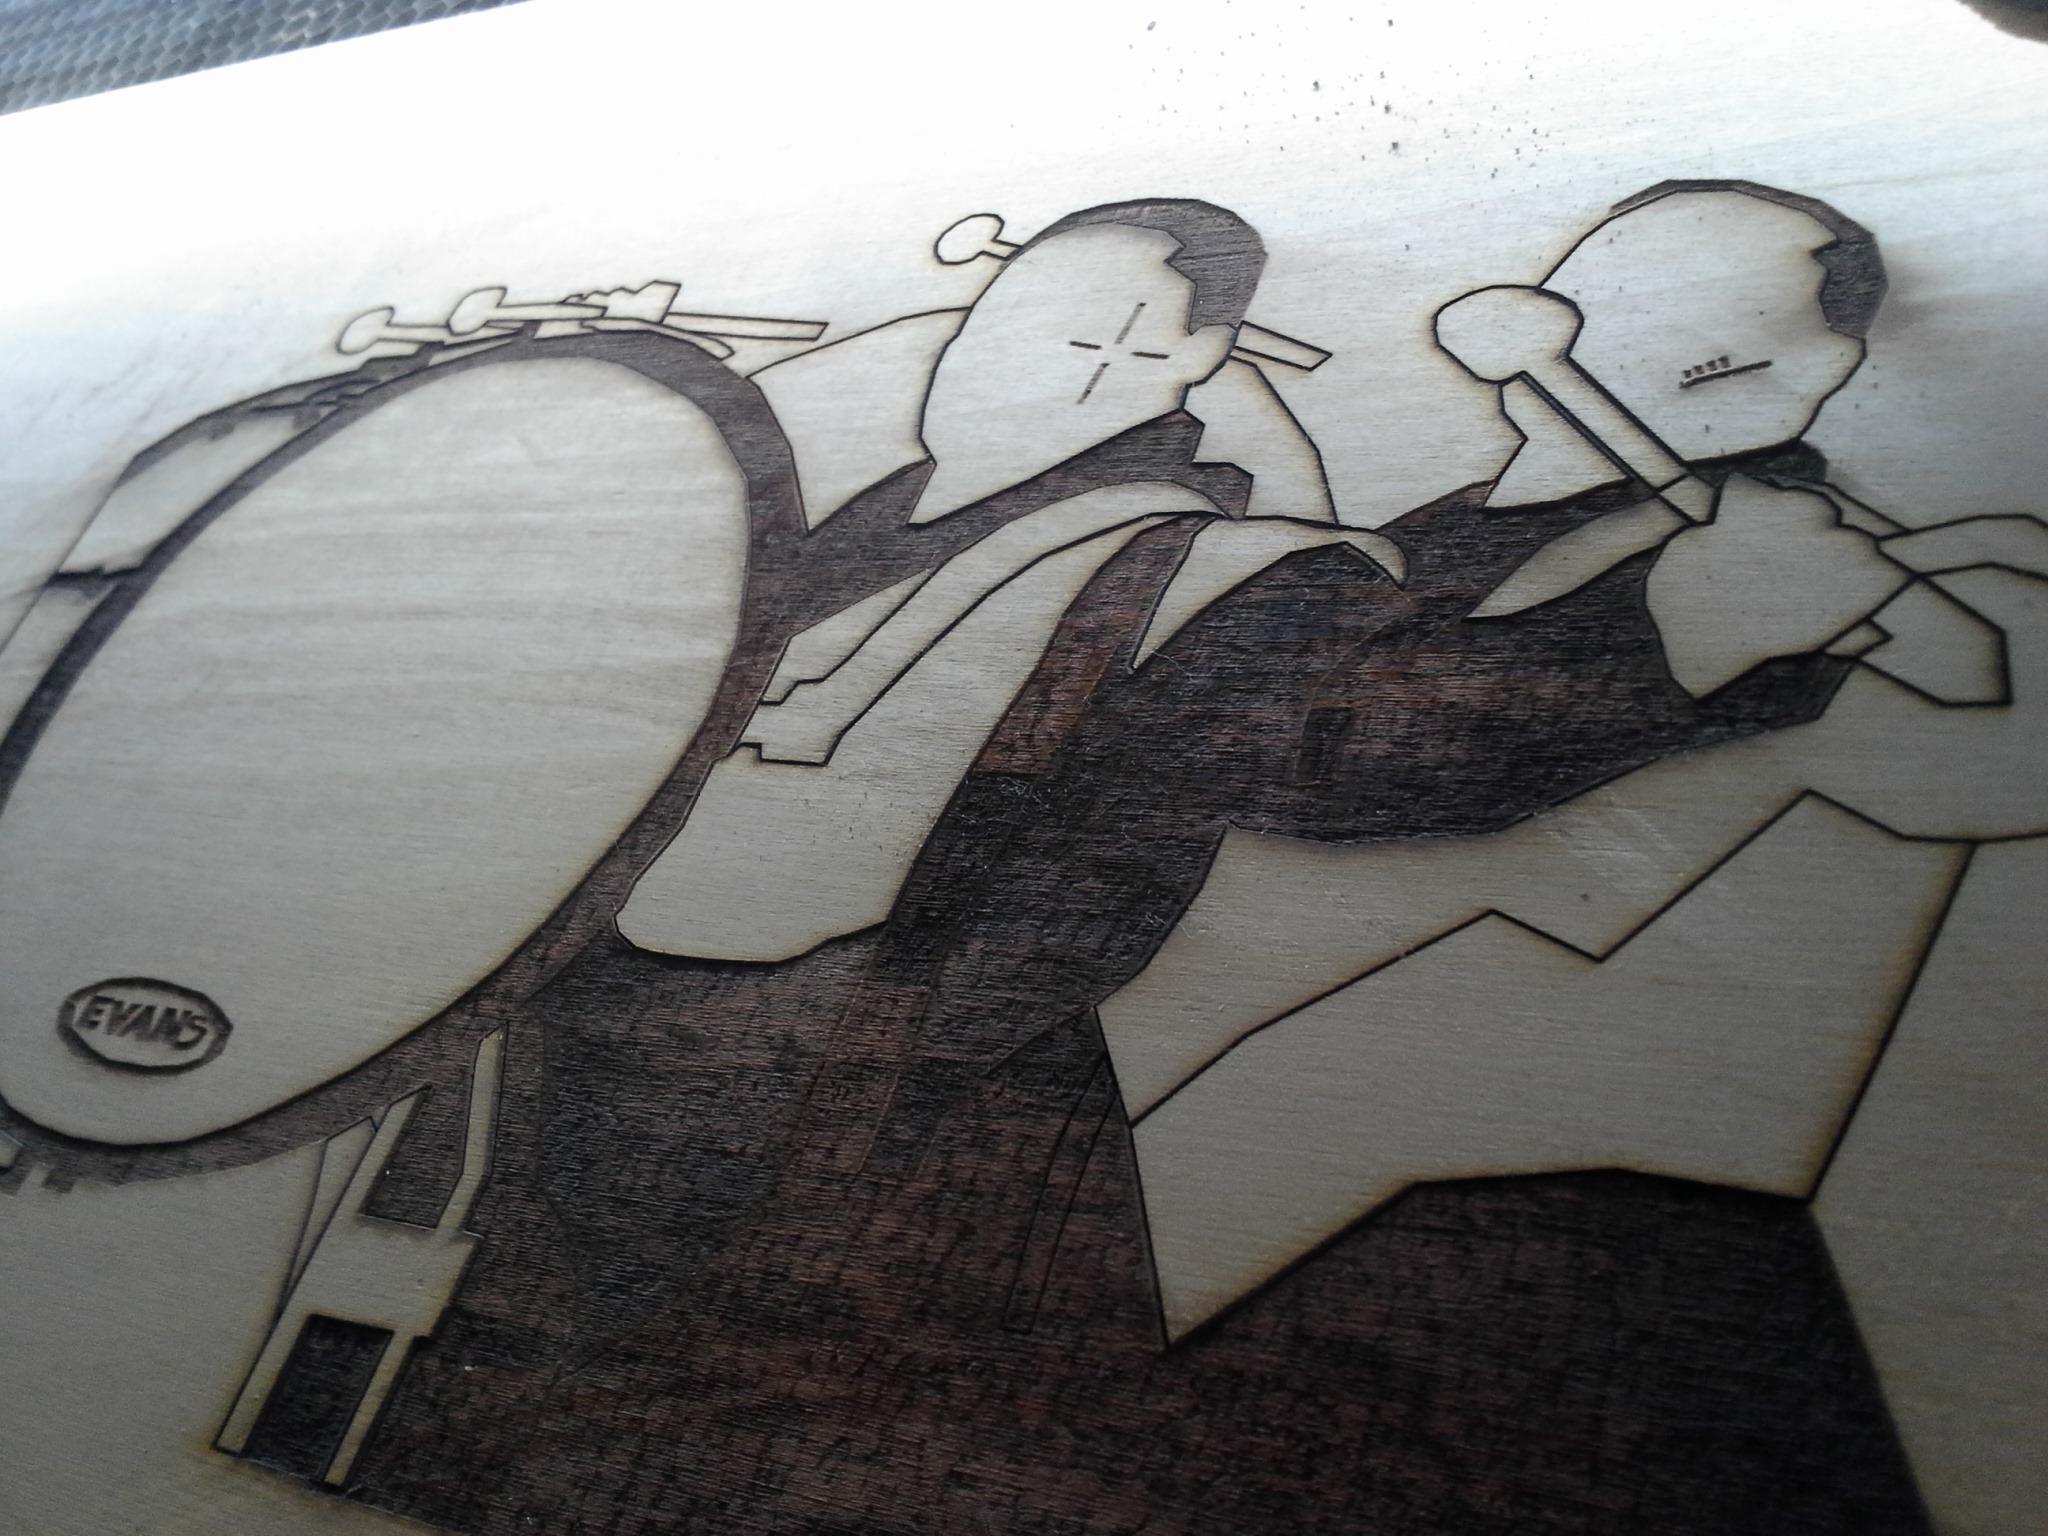 Laser etched image